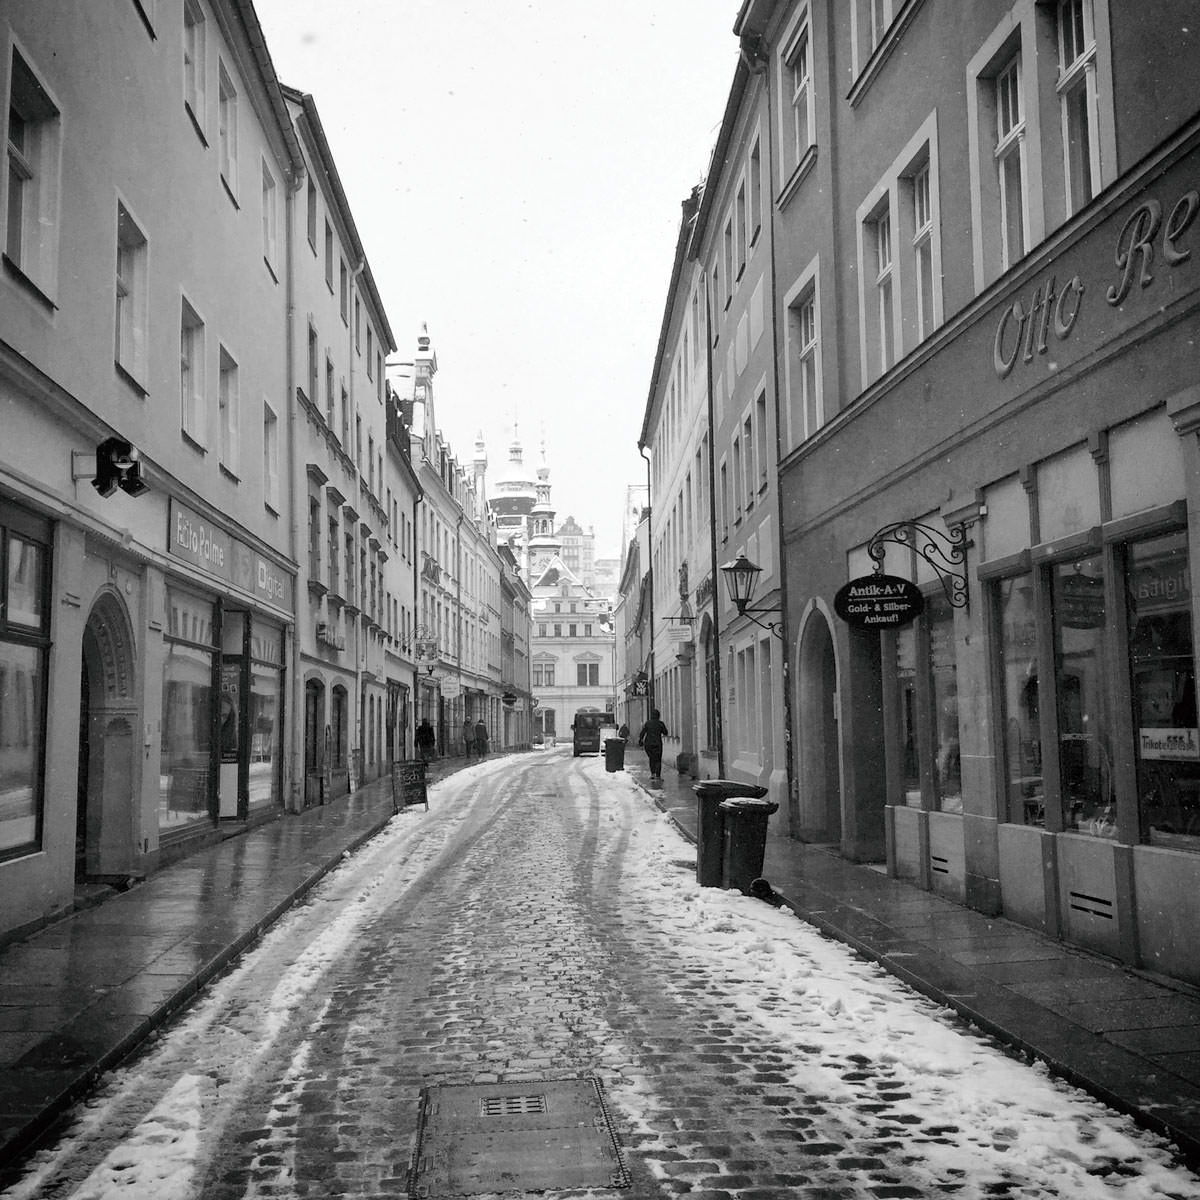 Pirna, am 1. März 2016